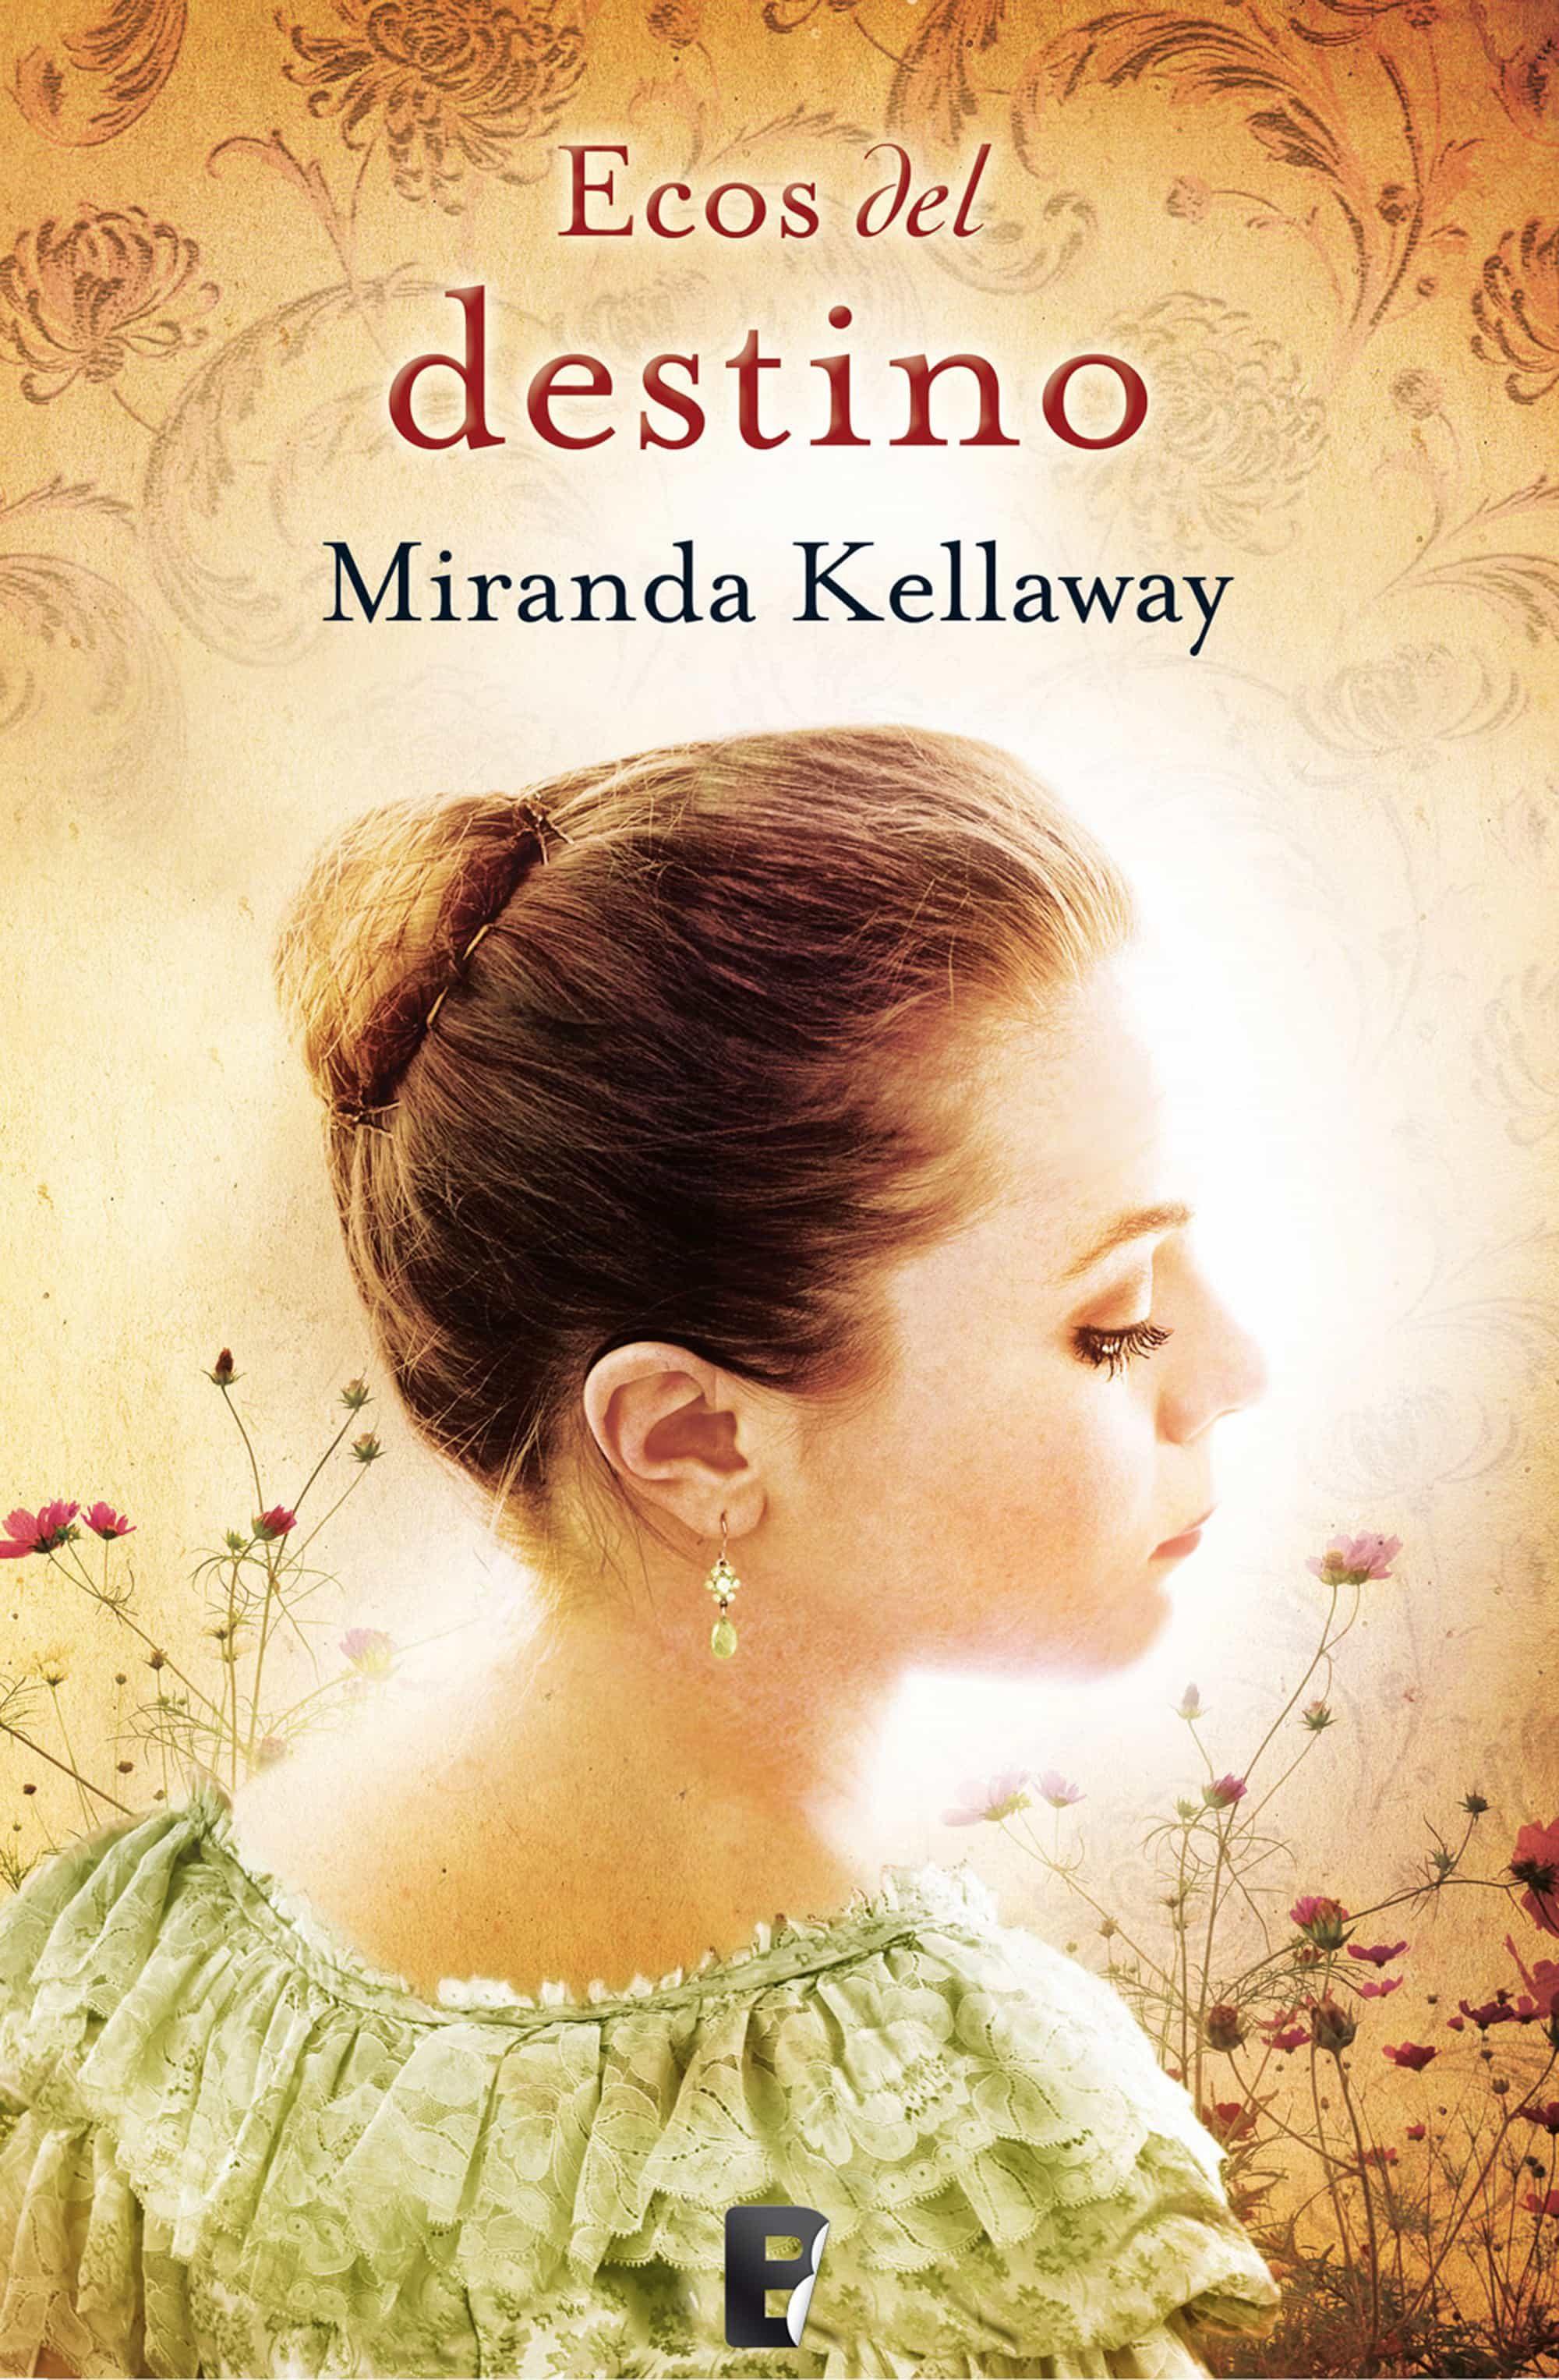 portada de la novela romántica histórica Ecos del destino, de Miranda Kellaway